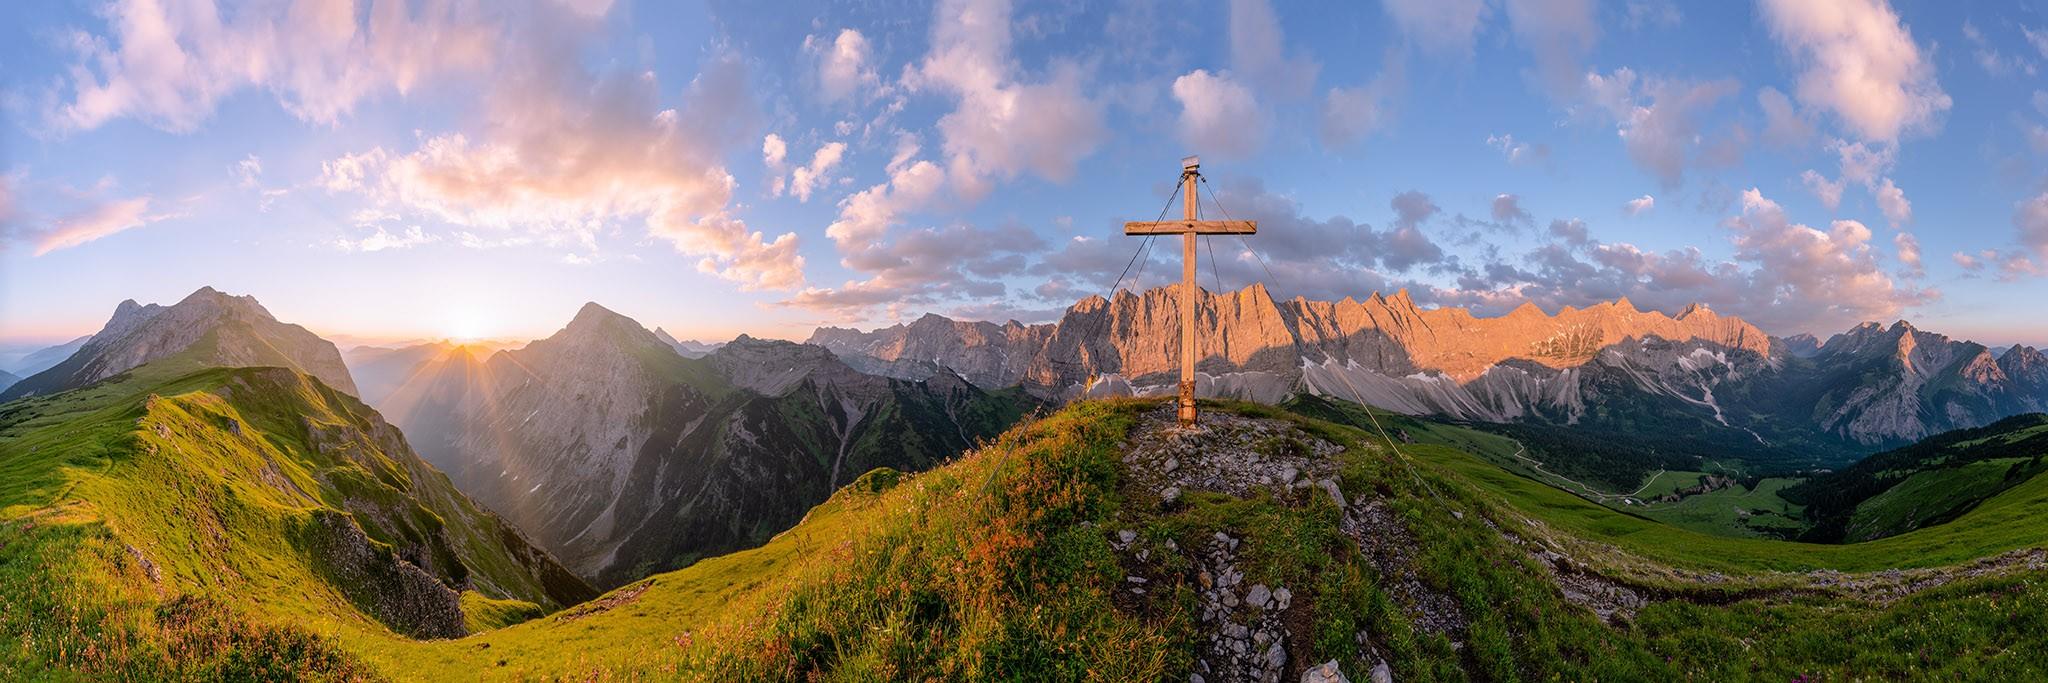 Sonnenaufgang am Mahnkopf mit Blick auf den Karwendelhauptkamm im Sommer.